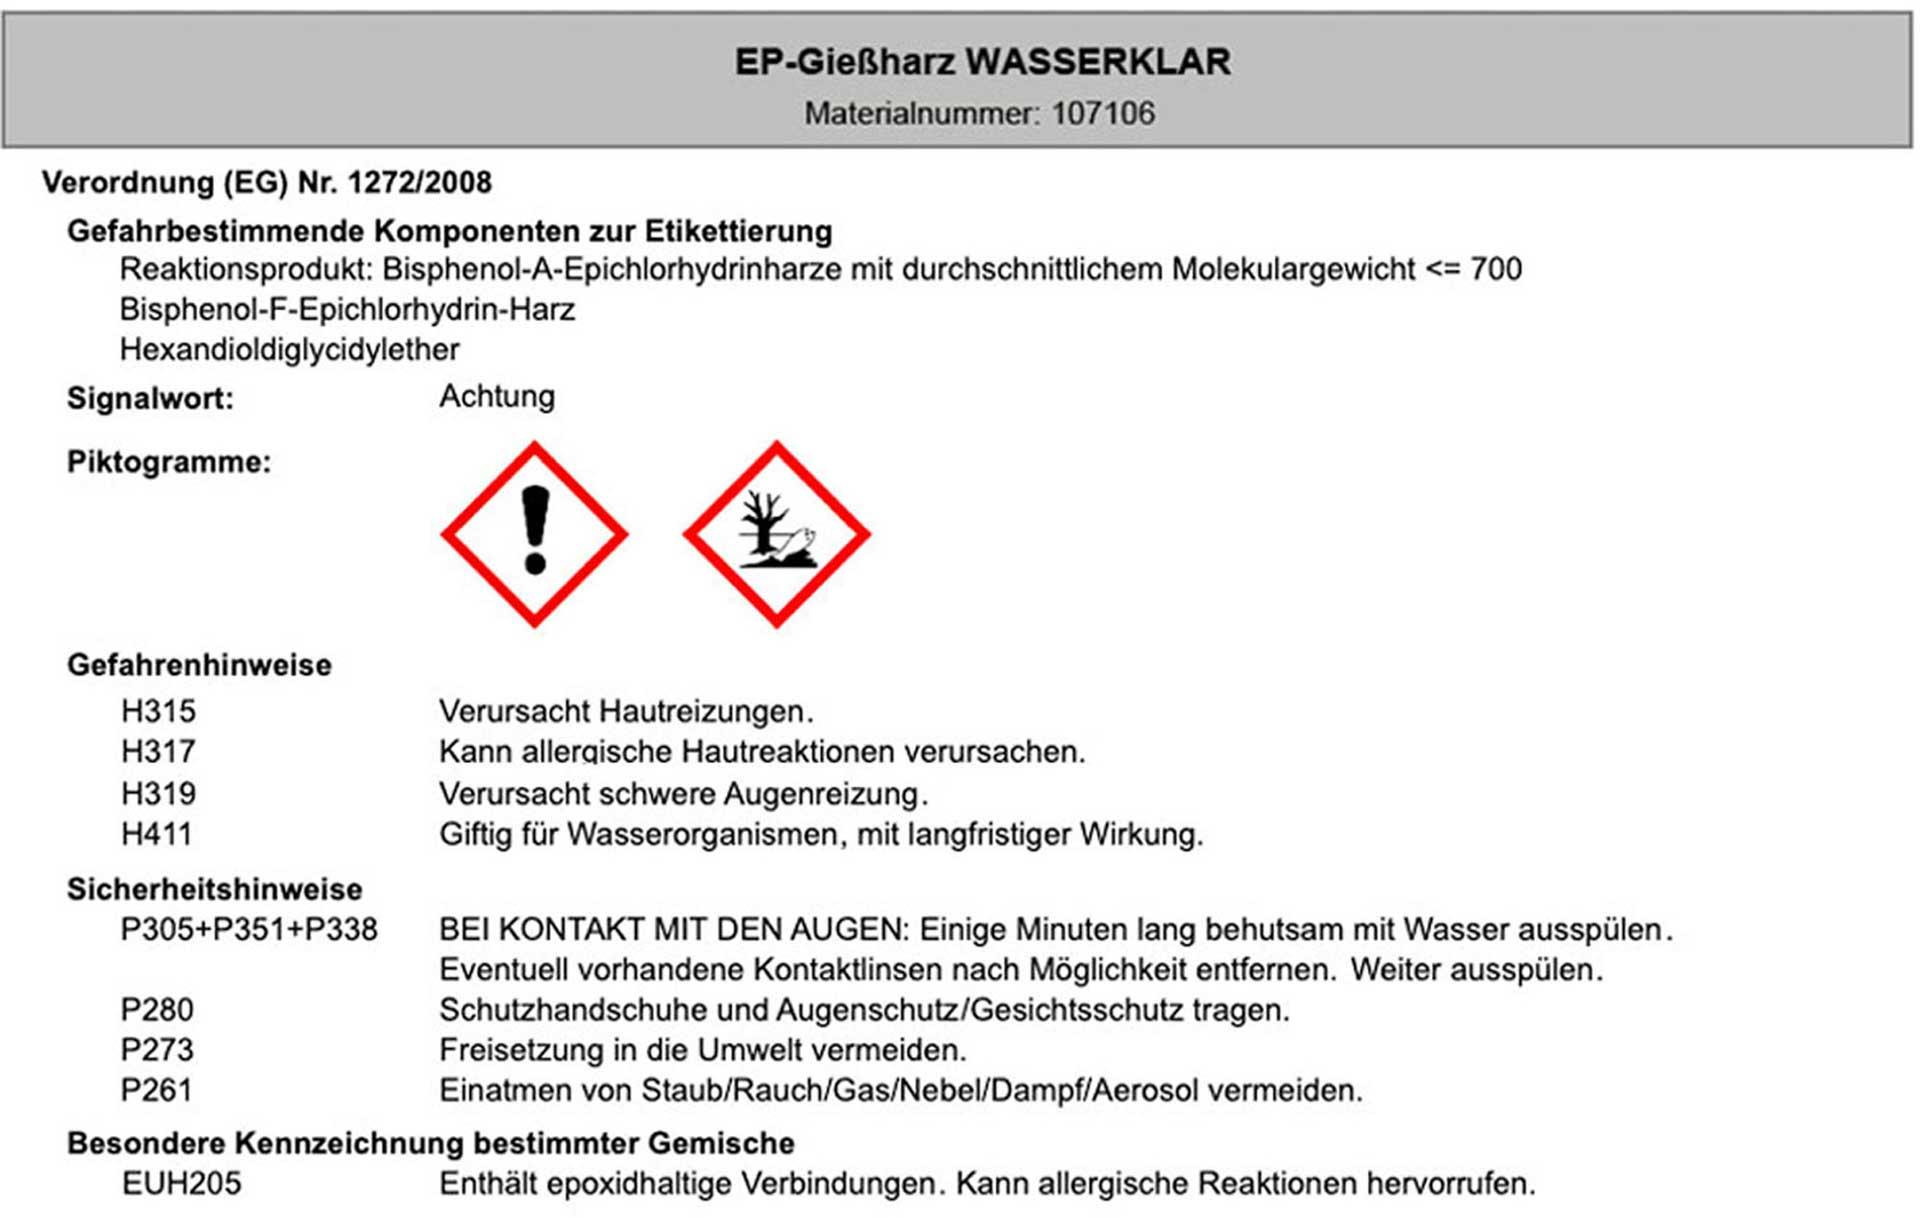 R&G EP-GIEßHARZ + HÄRTER W300 WASSERKLAR 1,35 KG